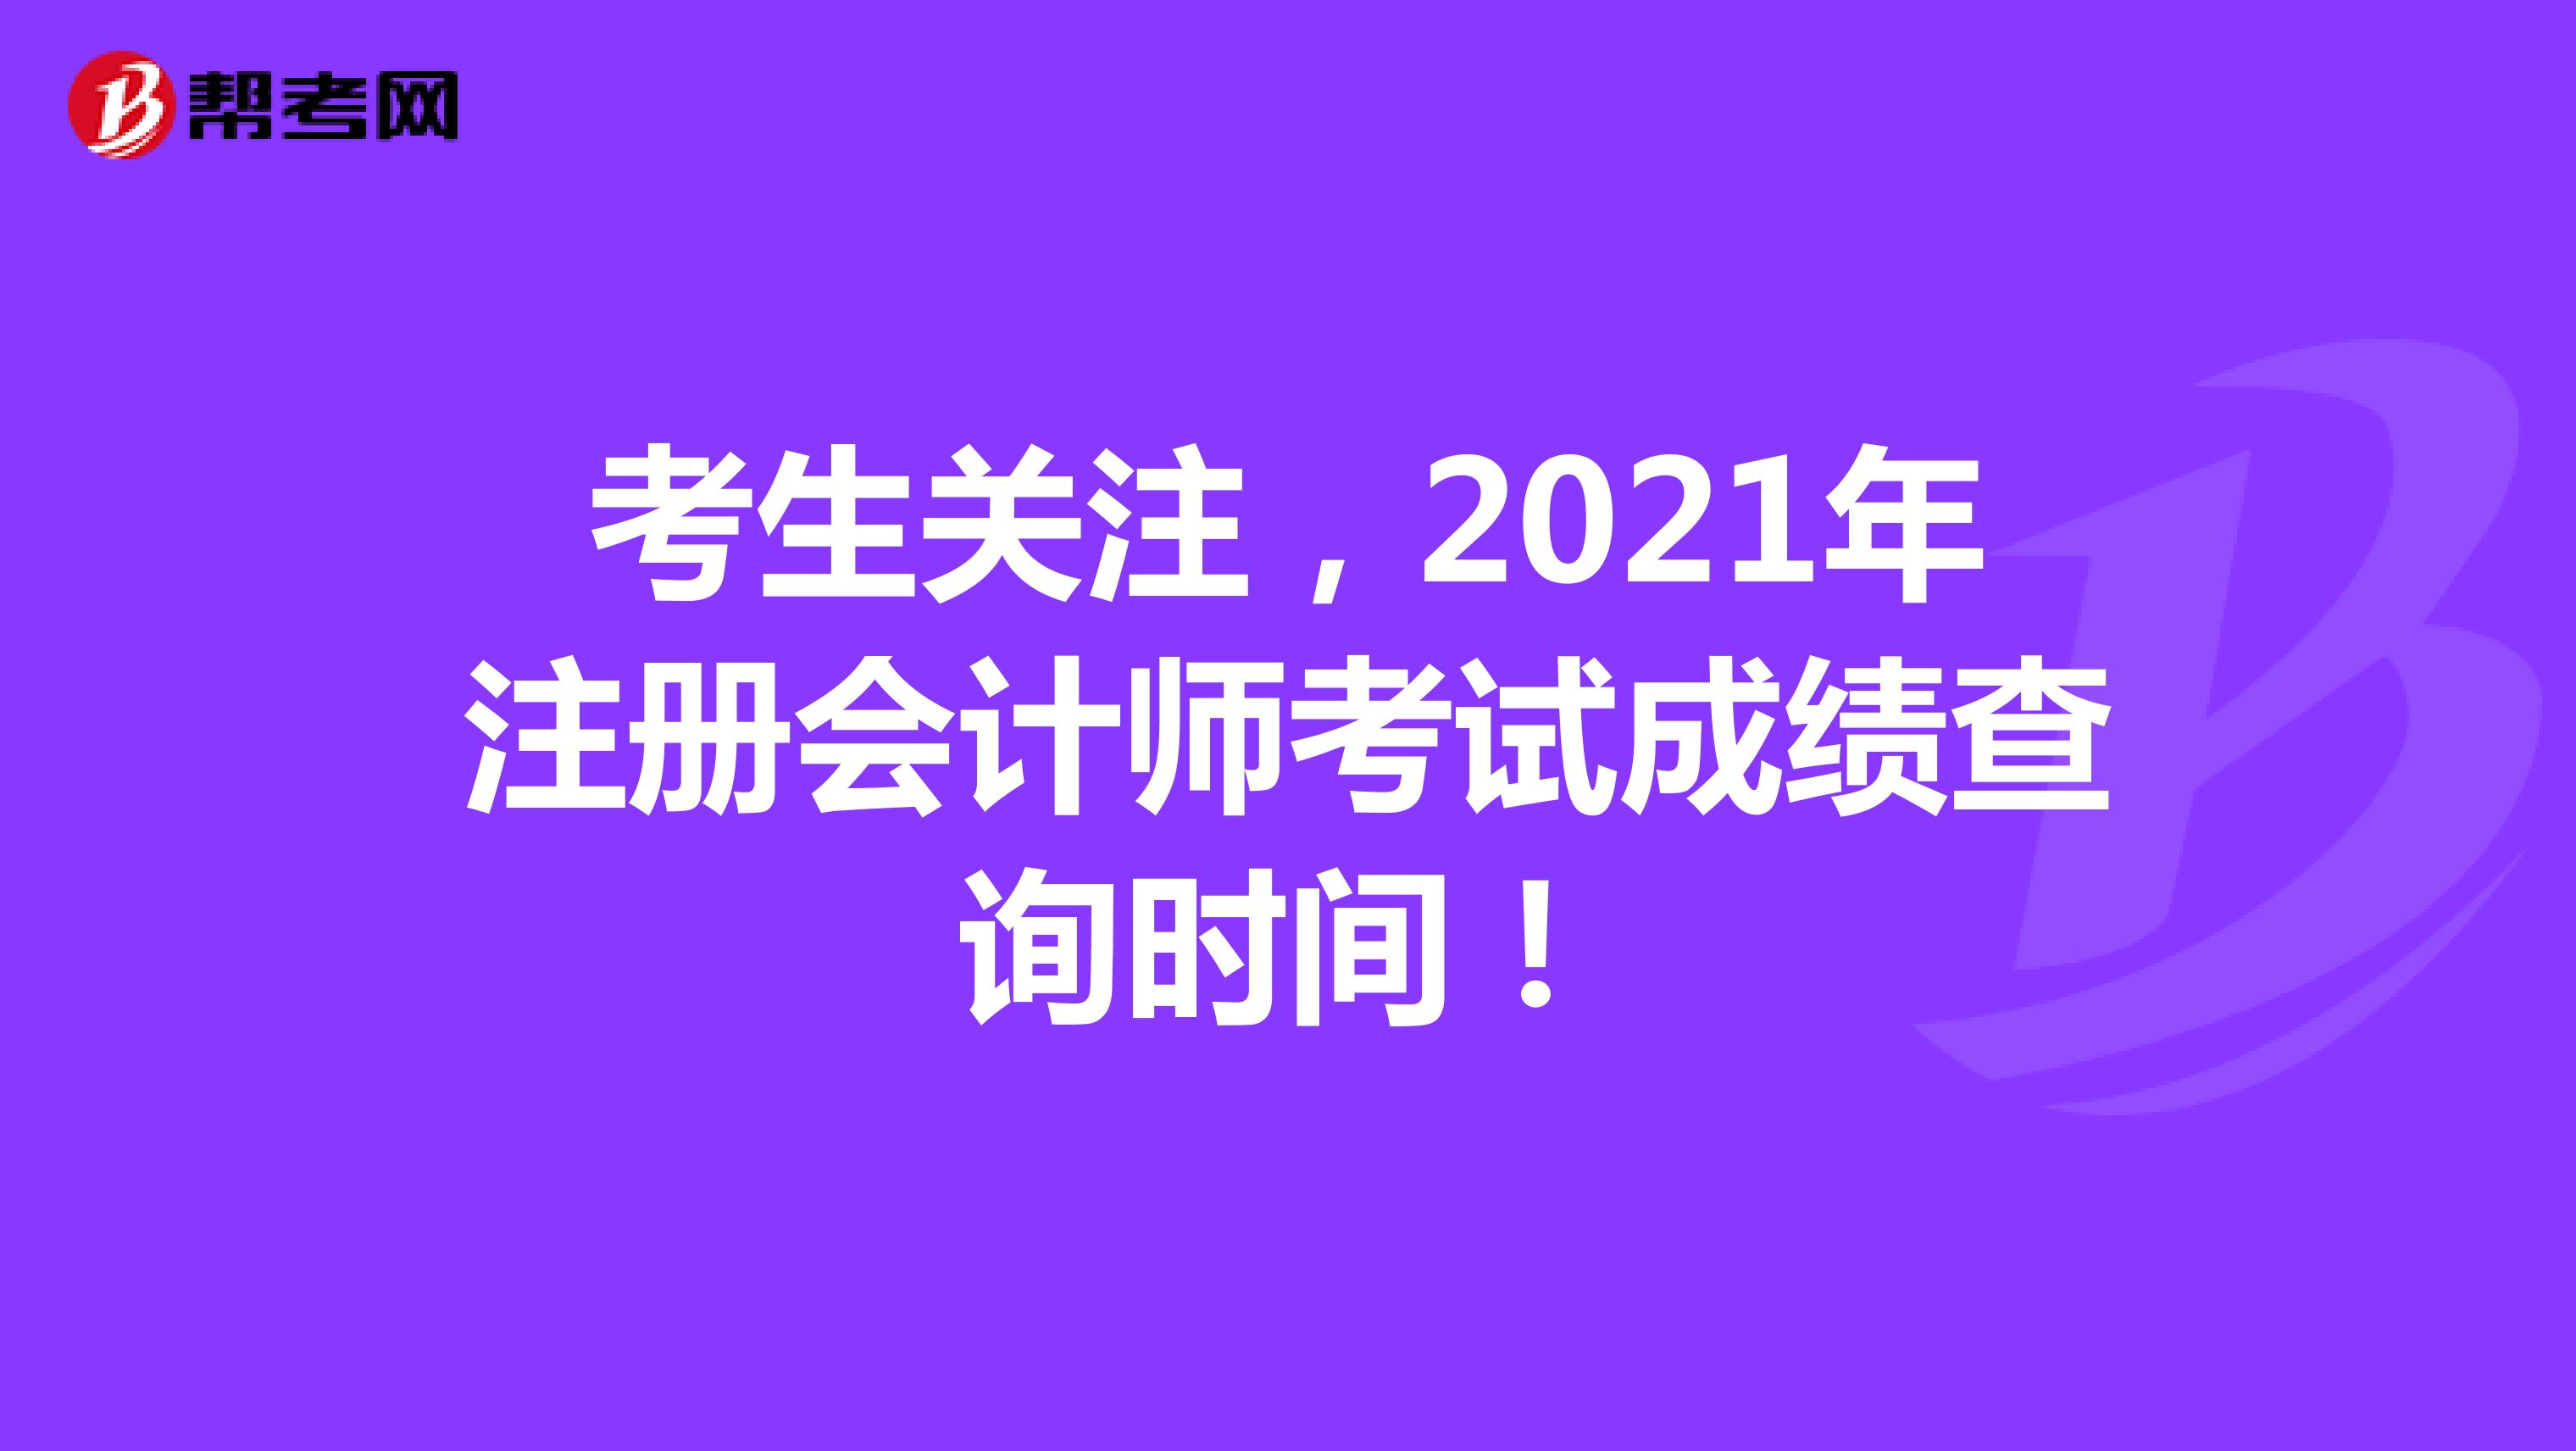 考生关注,2021年注册会计师考试成绩查询时间!